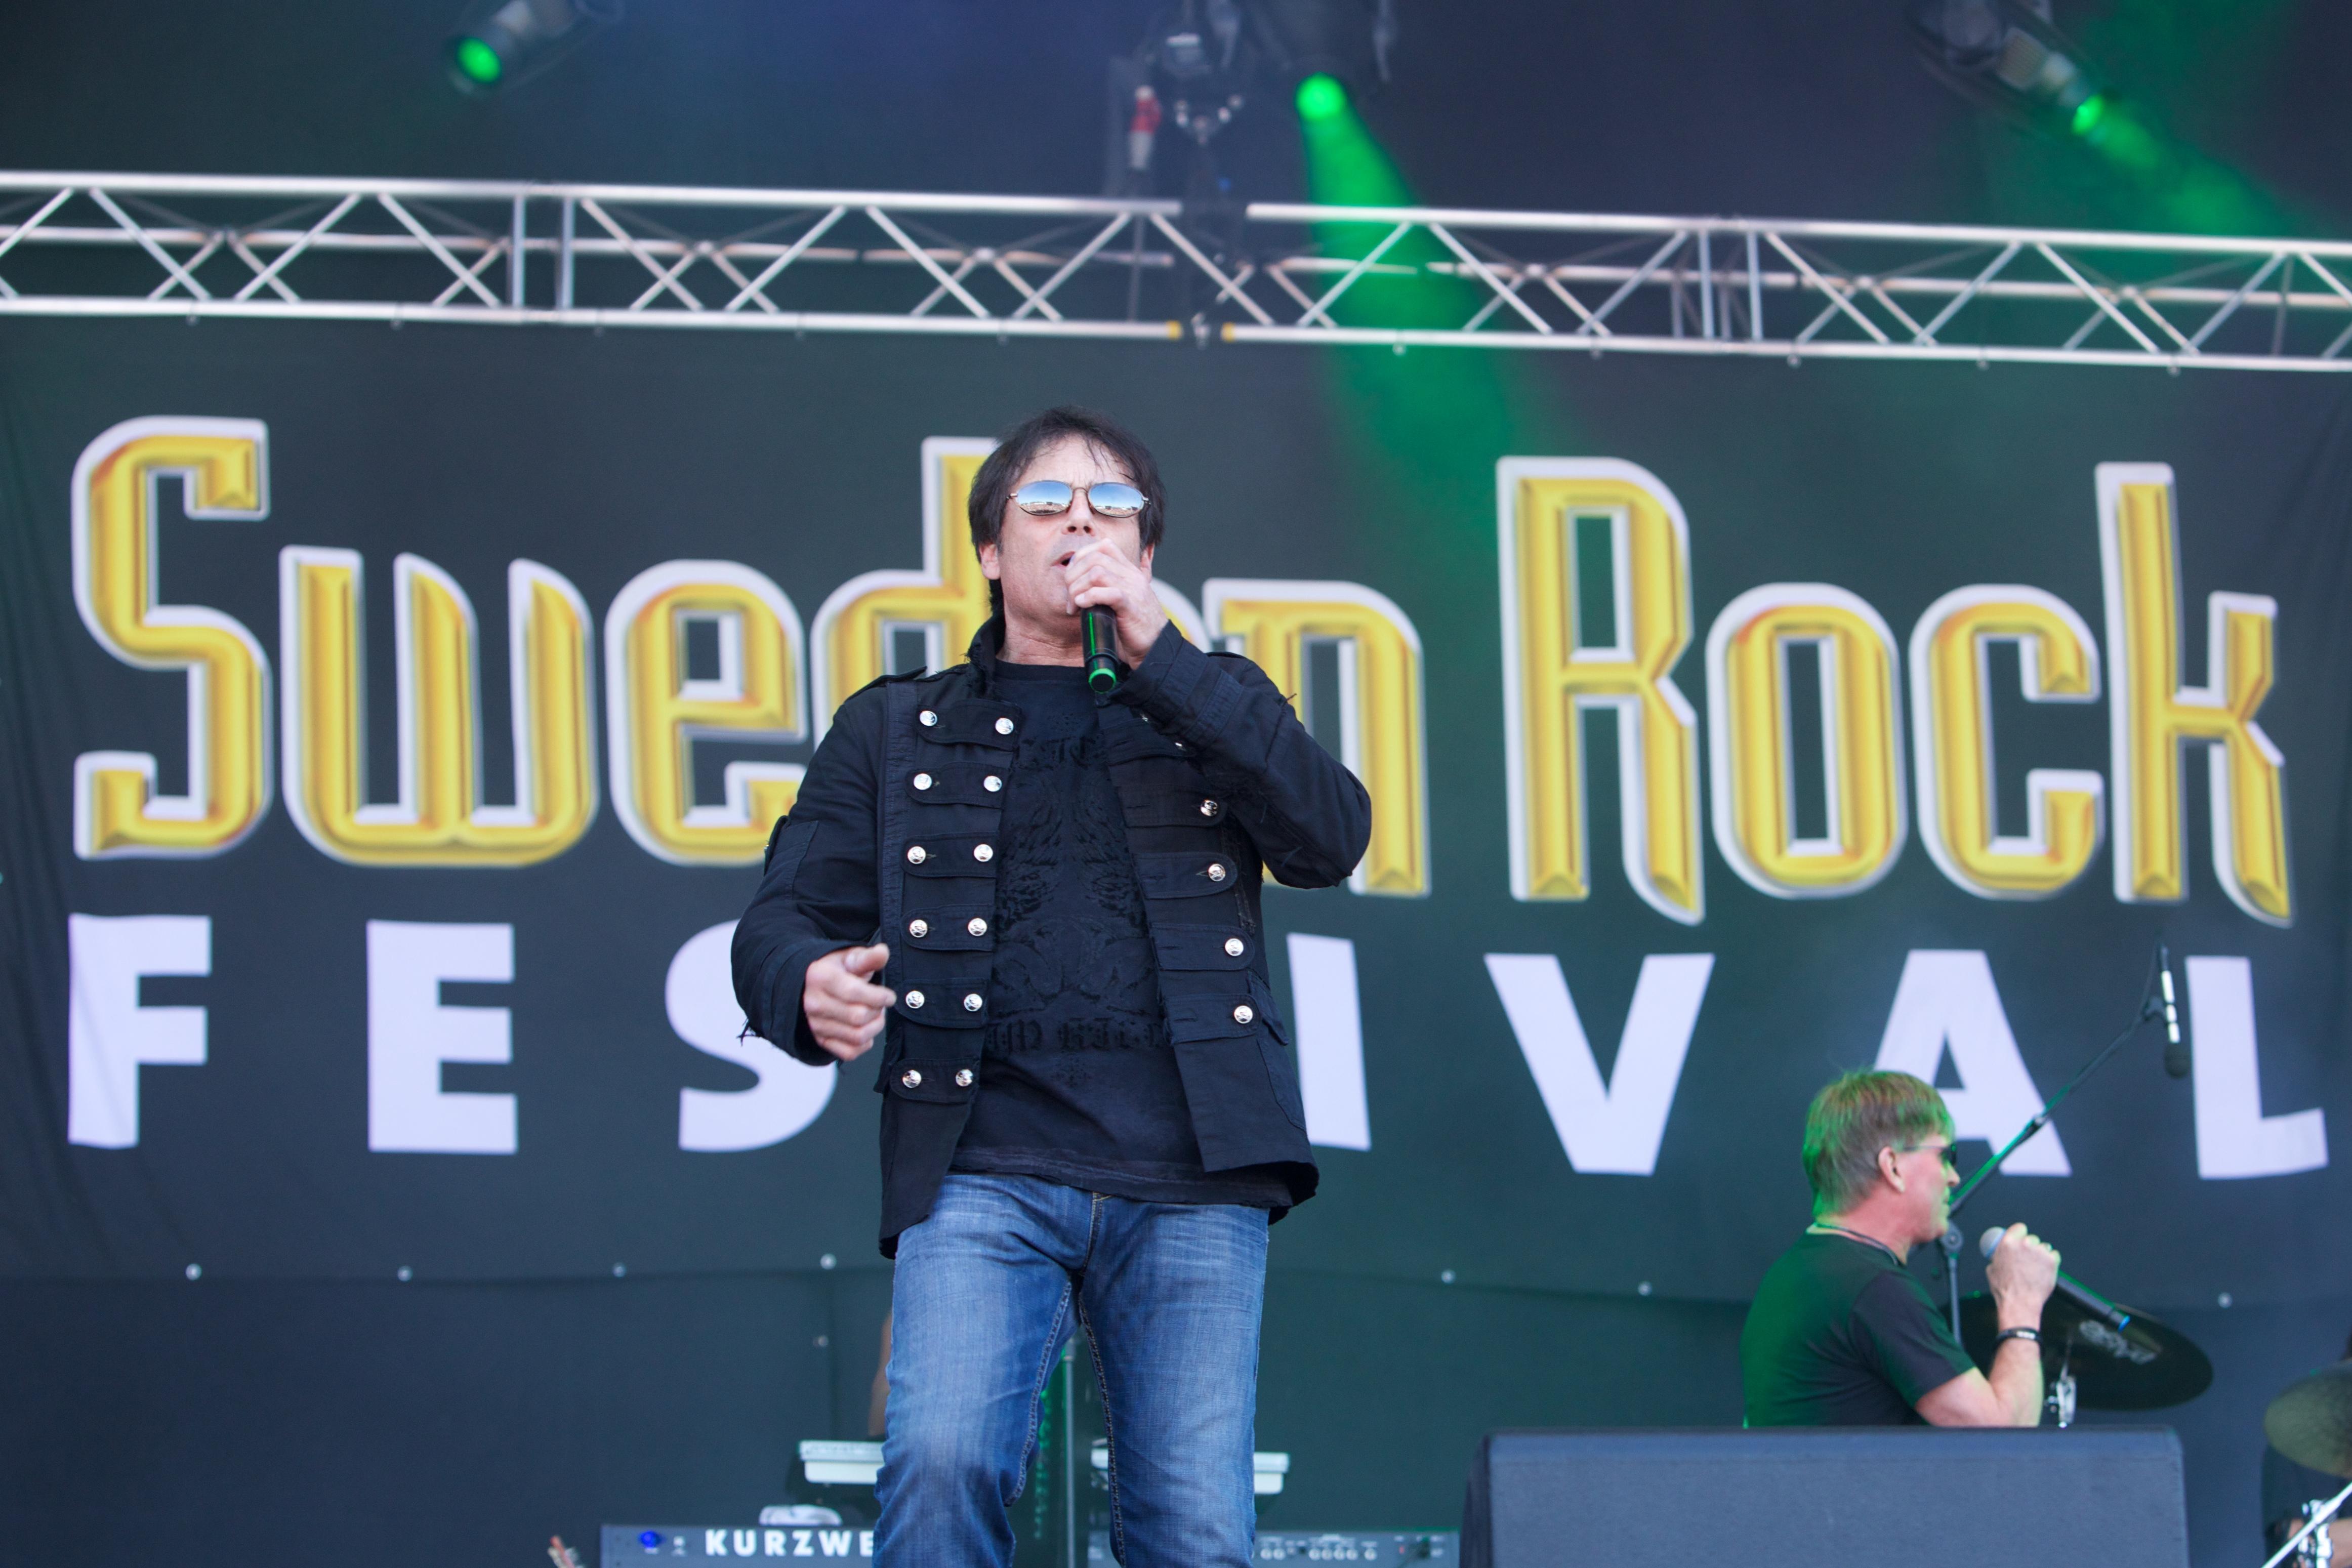 SOLVESBORG, SWEDEN - JUNE 06: Jimi Jamison of Survivor performs on stage on Day 2 of Sweden Rock Festival 2013 on June 6, 201